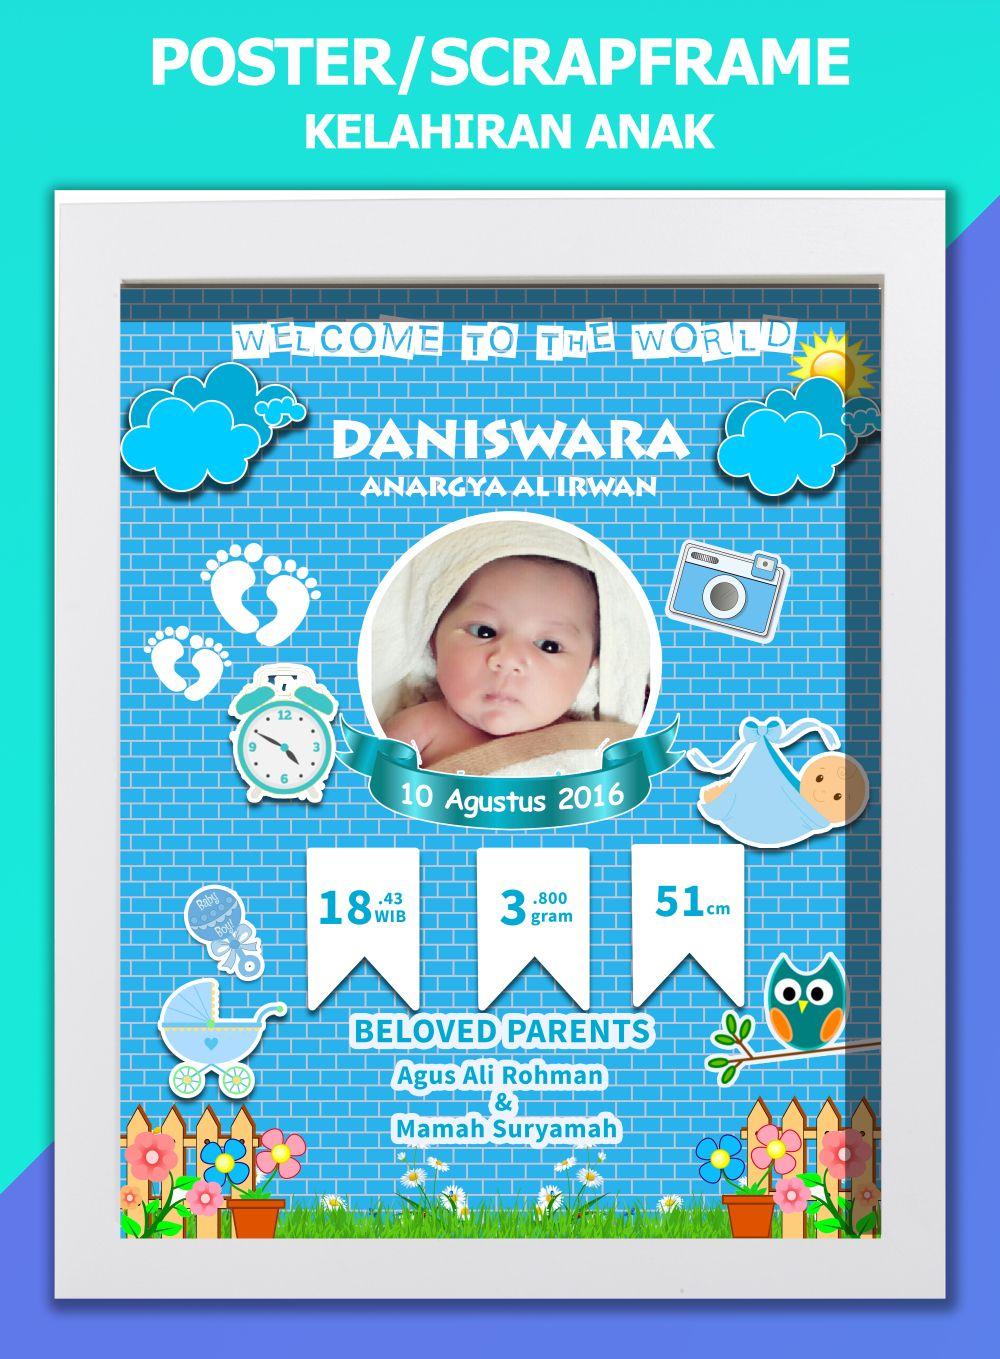 Download Ucapan Selapanan Bayi : download, ucapan, selapanan, Obtain, Ucapan, Selapanan, 236x236, Resolution